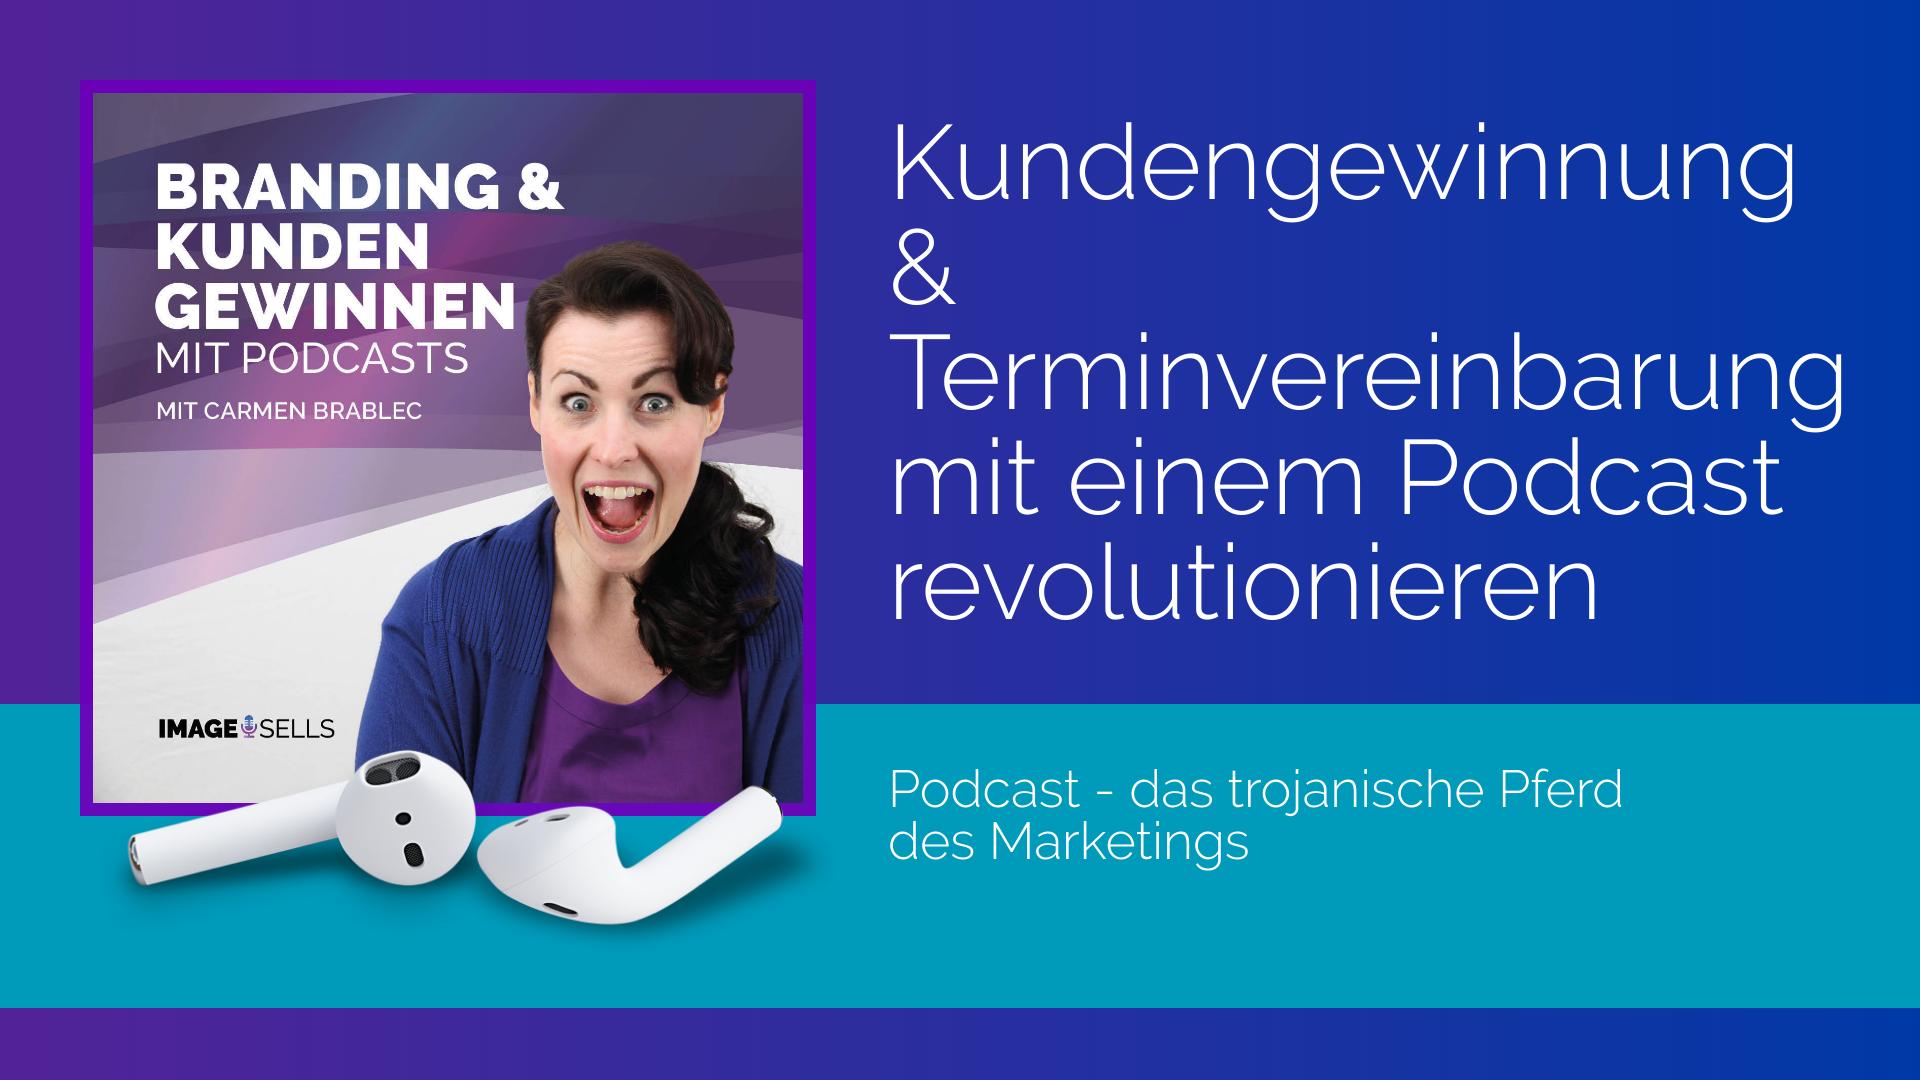 Revolutioniere Deine Kundengewinnung und Terminvereinbarung mit einem Podcast